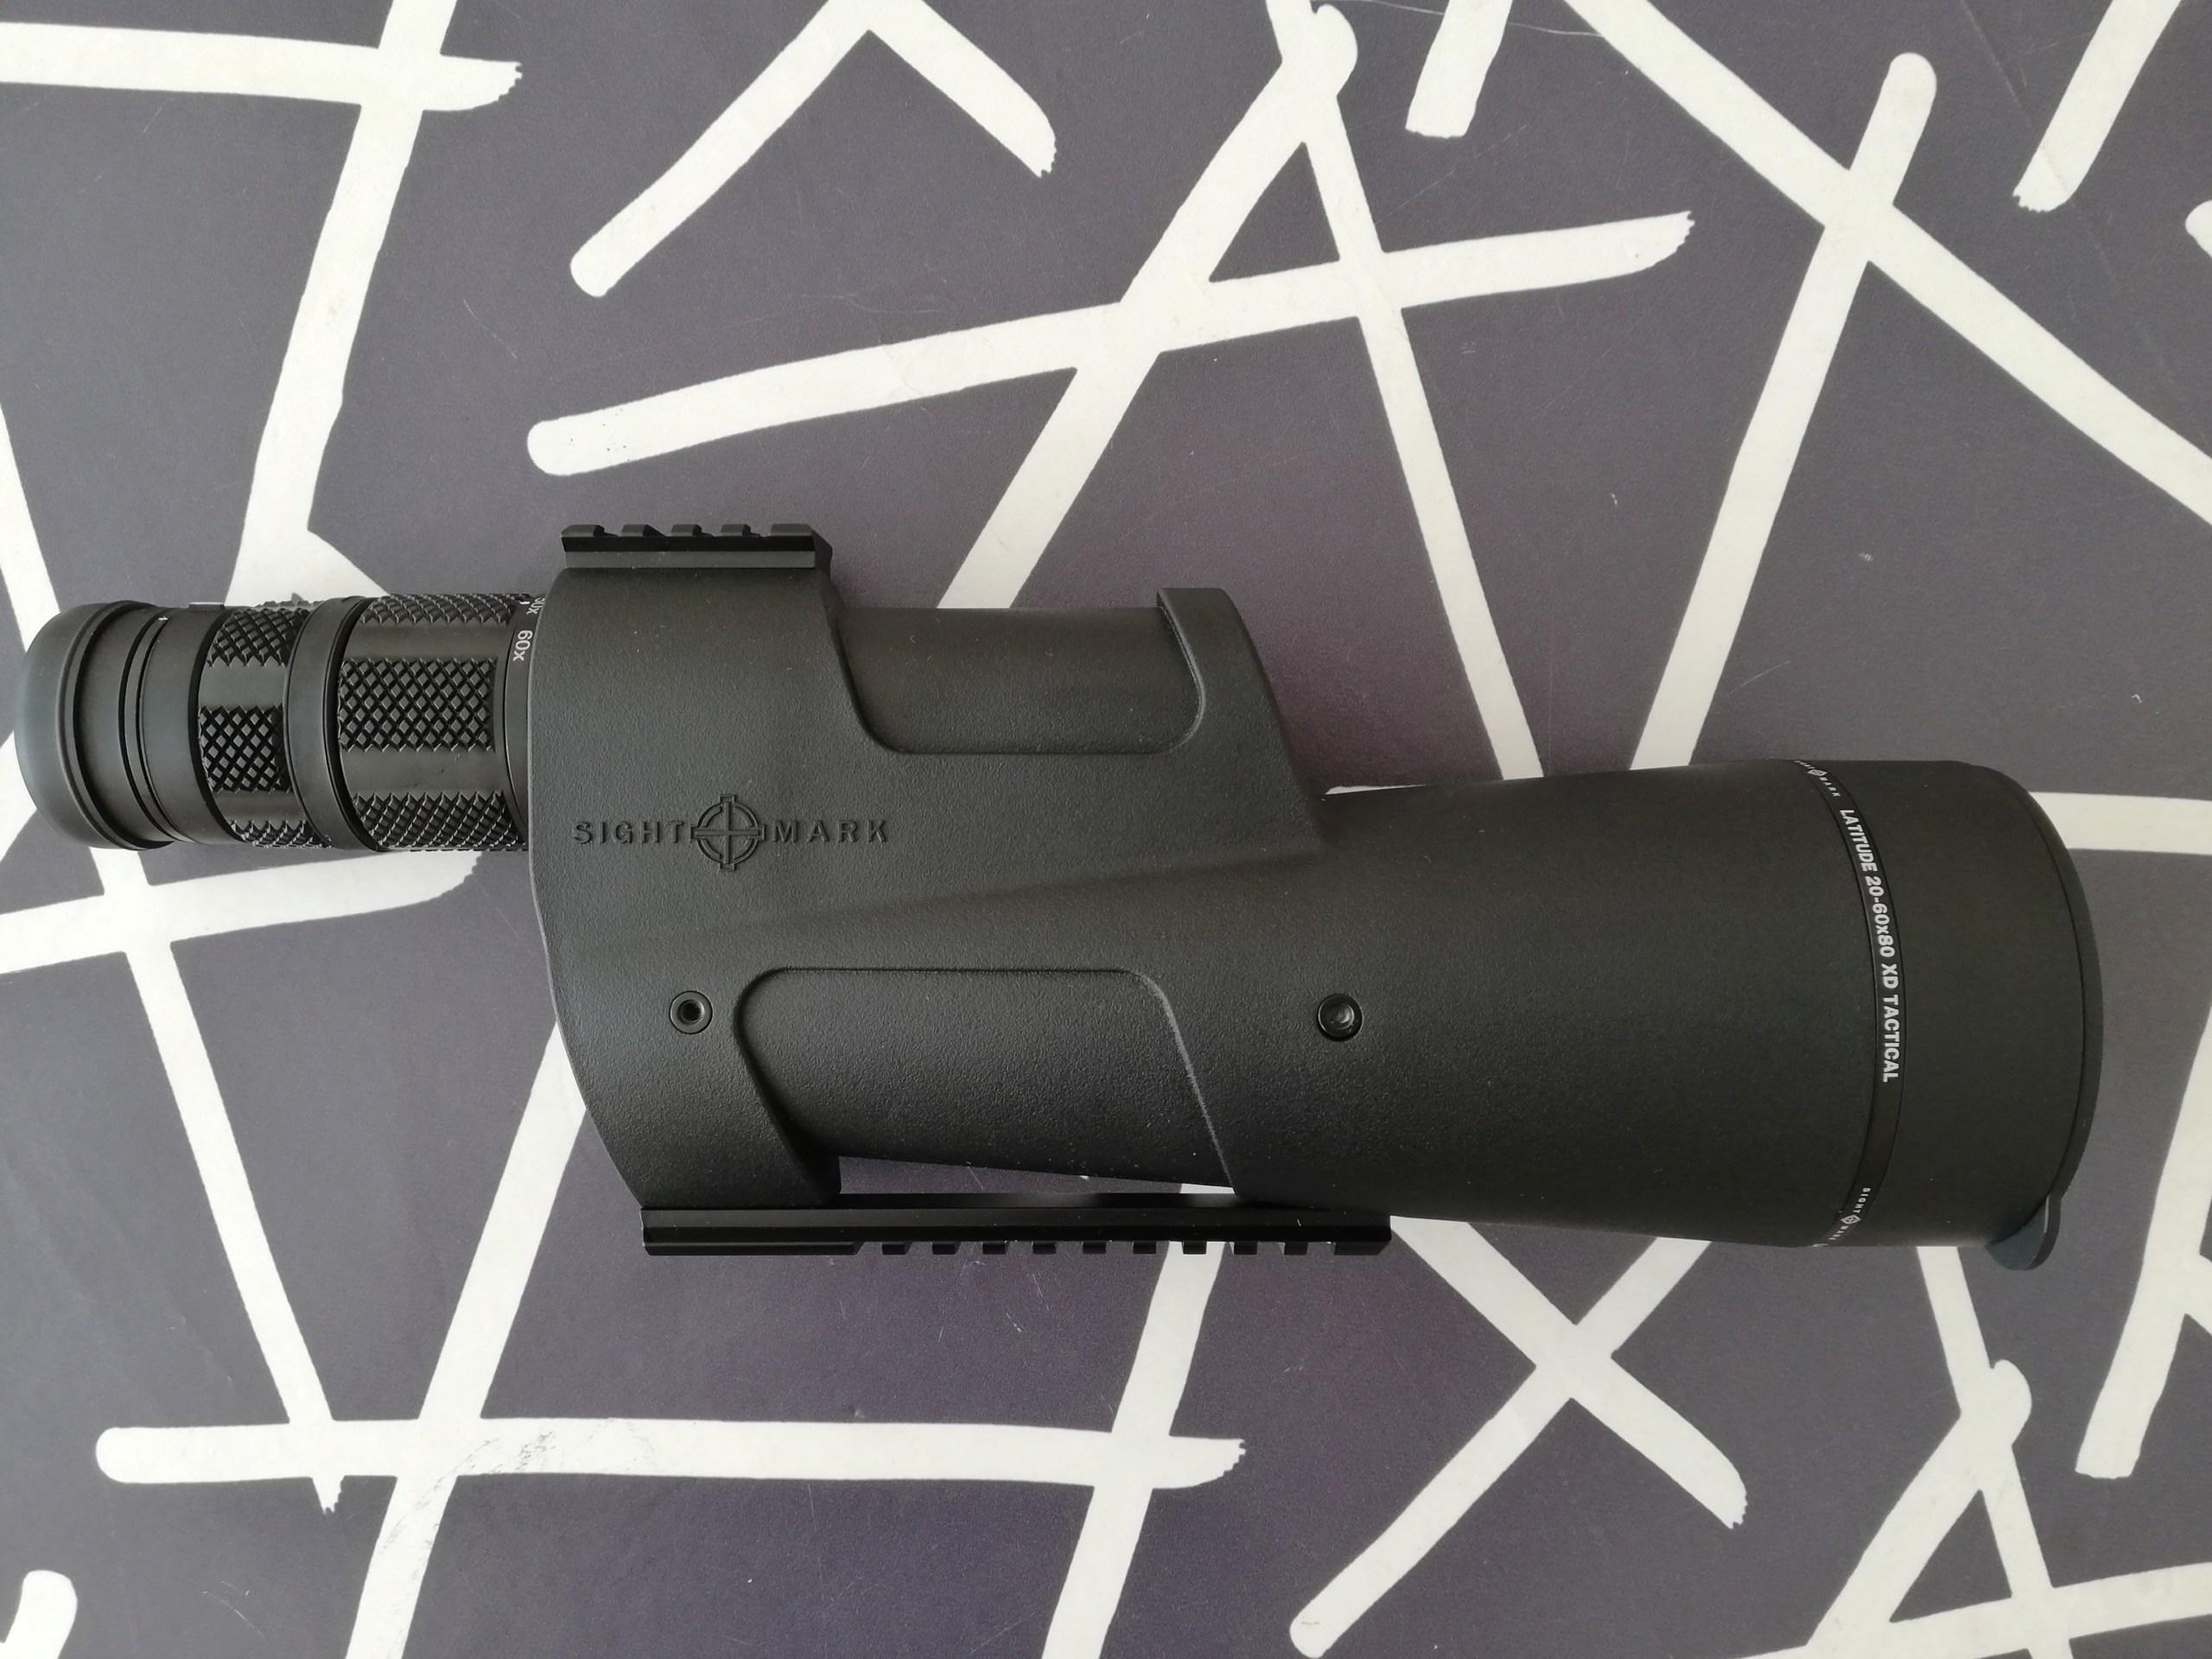 Essai d'un spotting scope avec réticule intégré. - Page 2 Sightm12